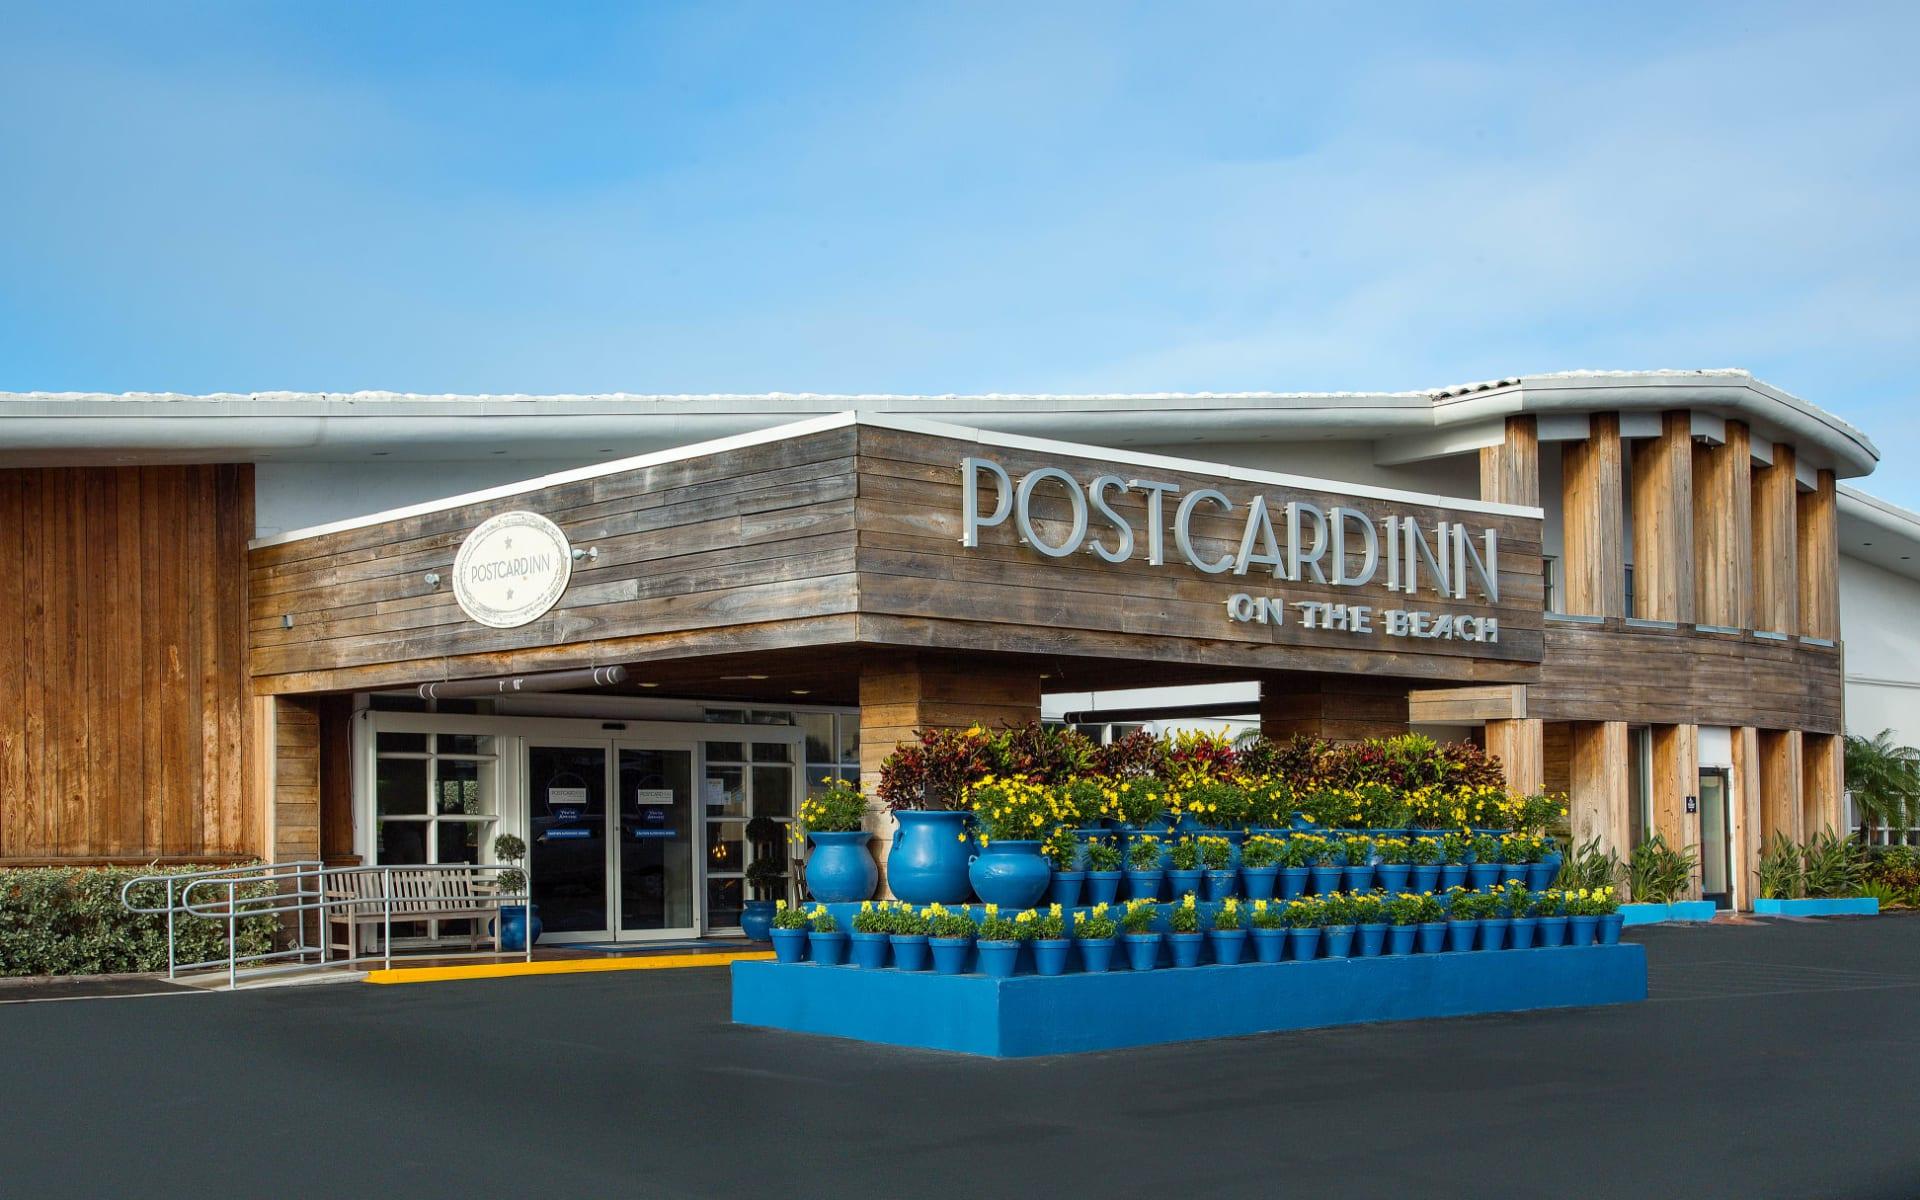 Postcard Inn on the Beach in St. Pete Beach:  Postcard Inn on the Beach_Aussenansicht